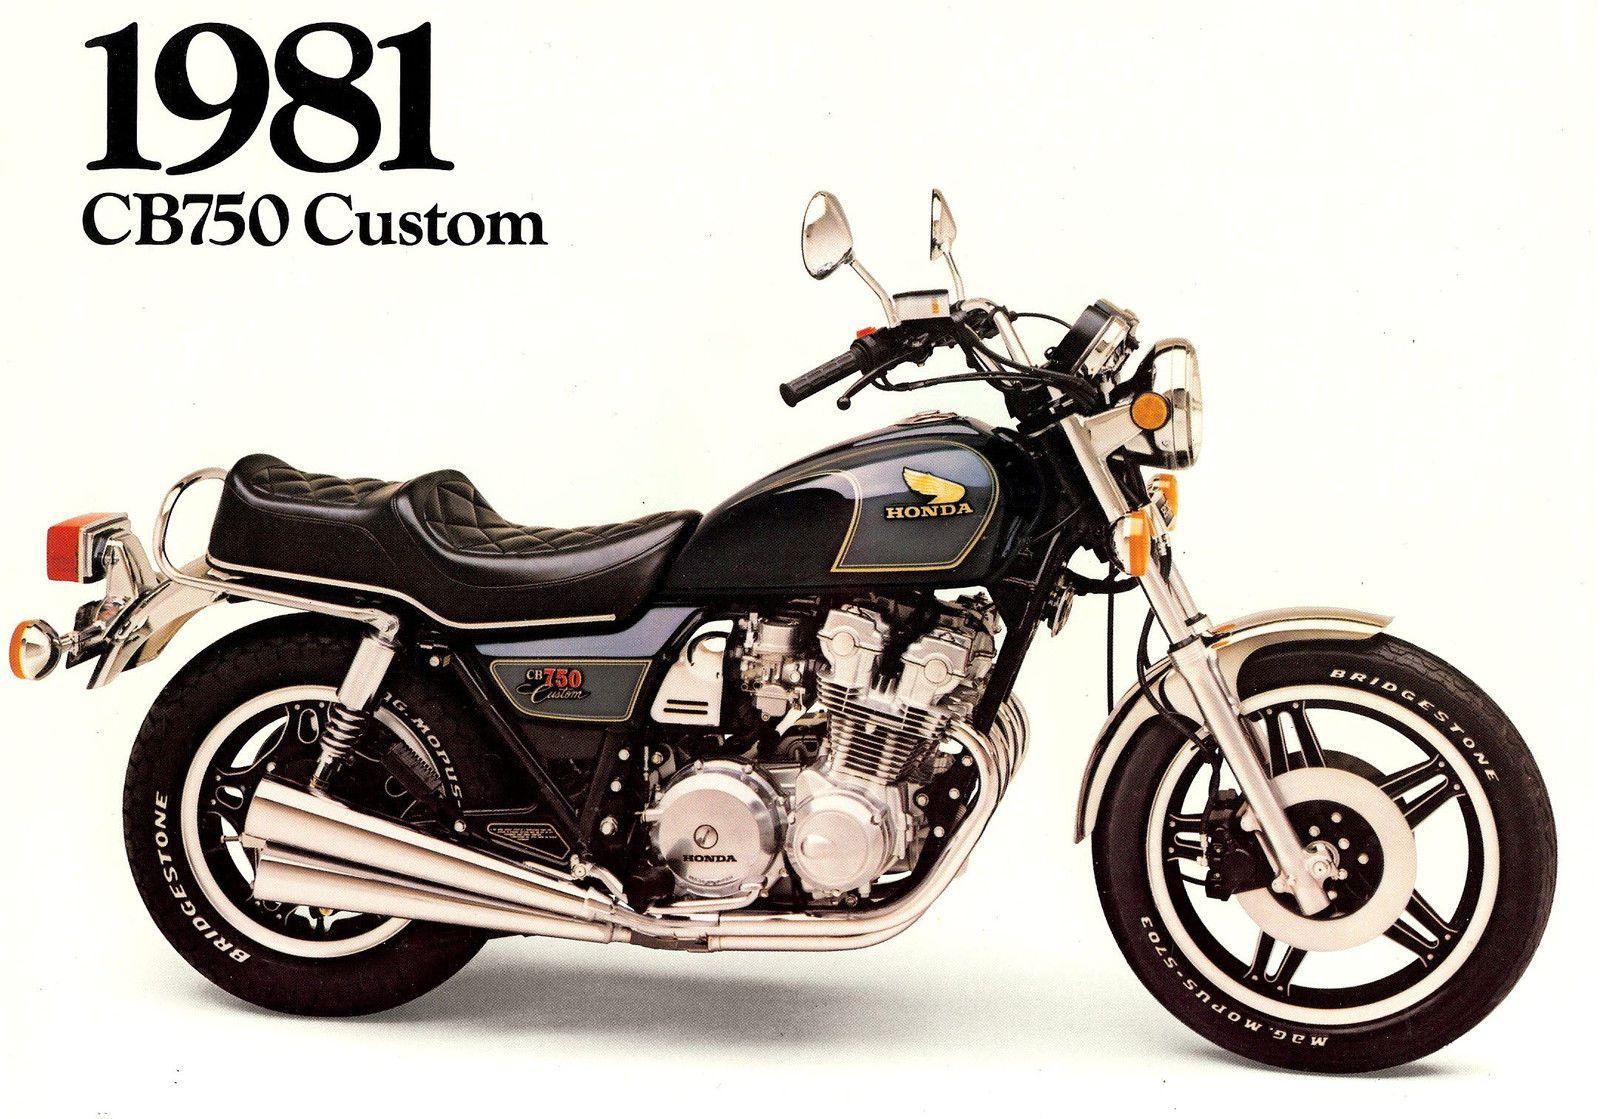 Custom Motorcycles For Sale On Ebay Uk